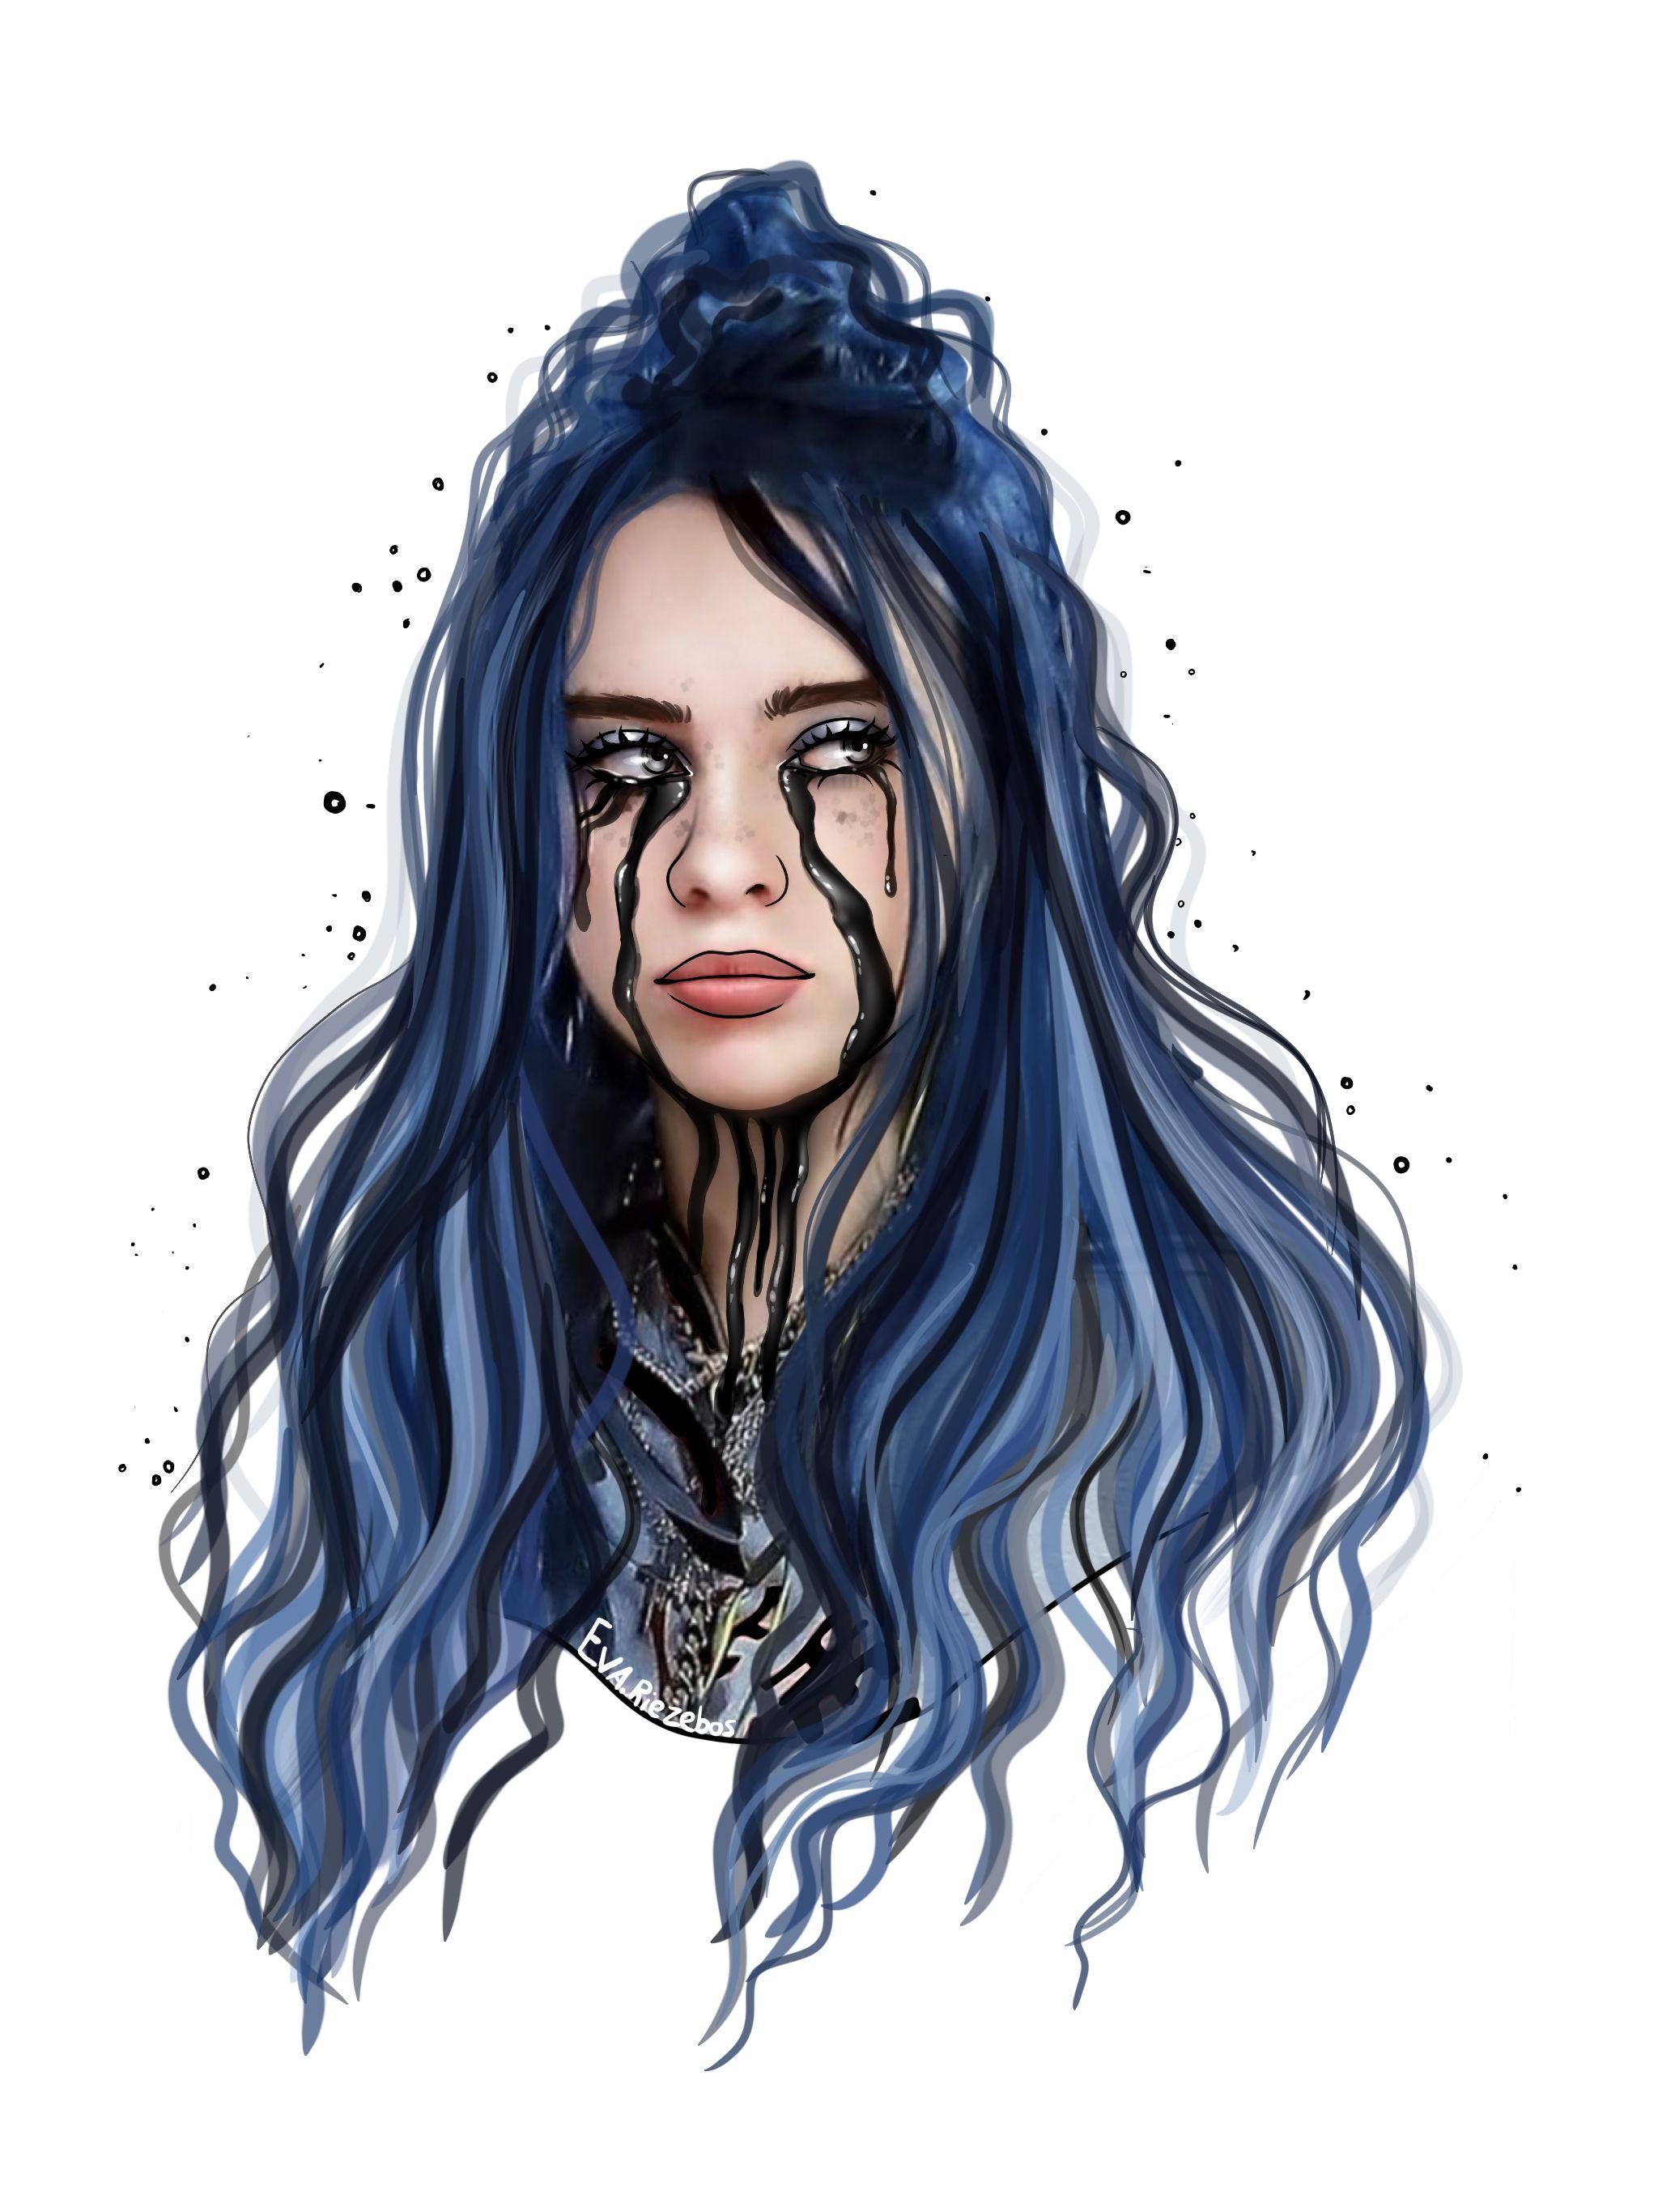 Billie Eilish Desenhos De Tumblr Desenhos De Pessoas Tipos De